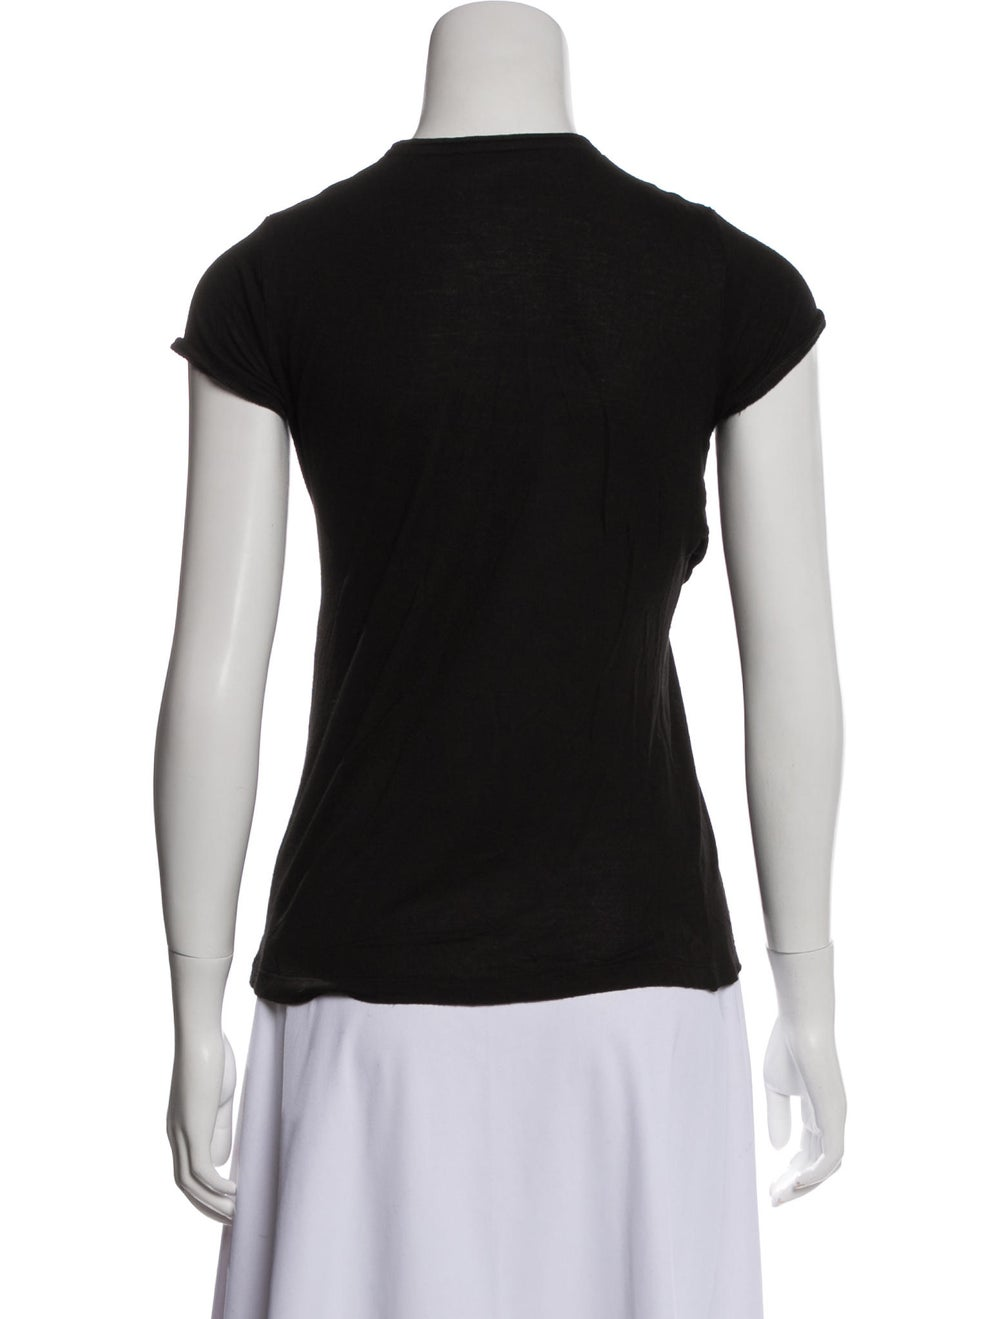 Balenciaga Embellished Cap Sleeve T-Shirt Black - image 3